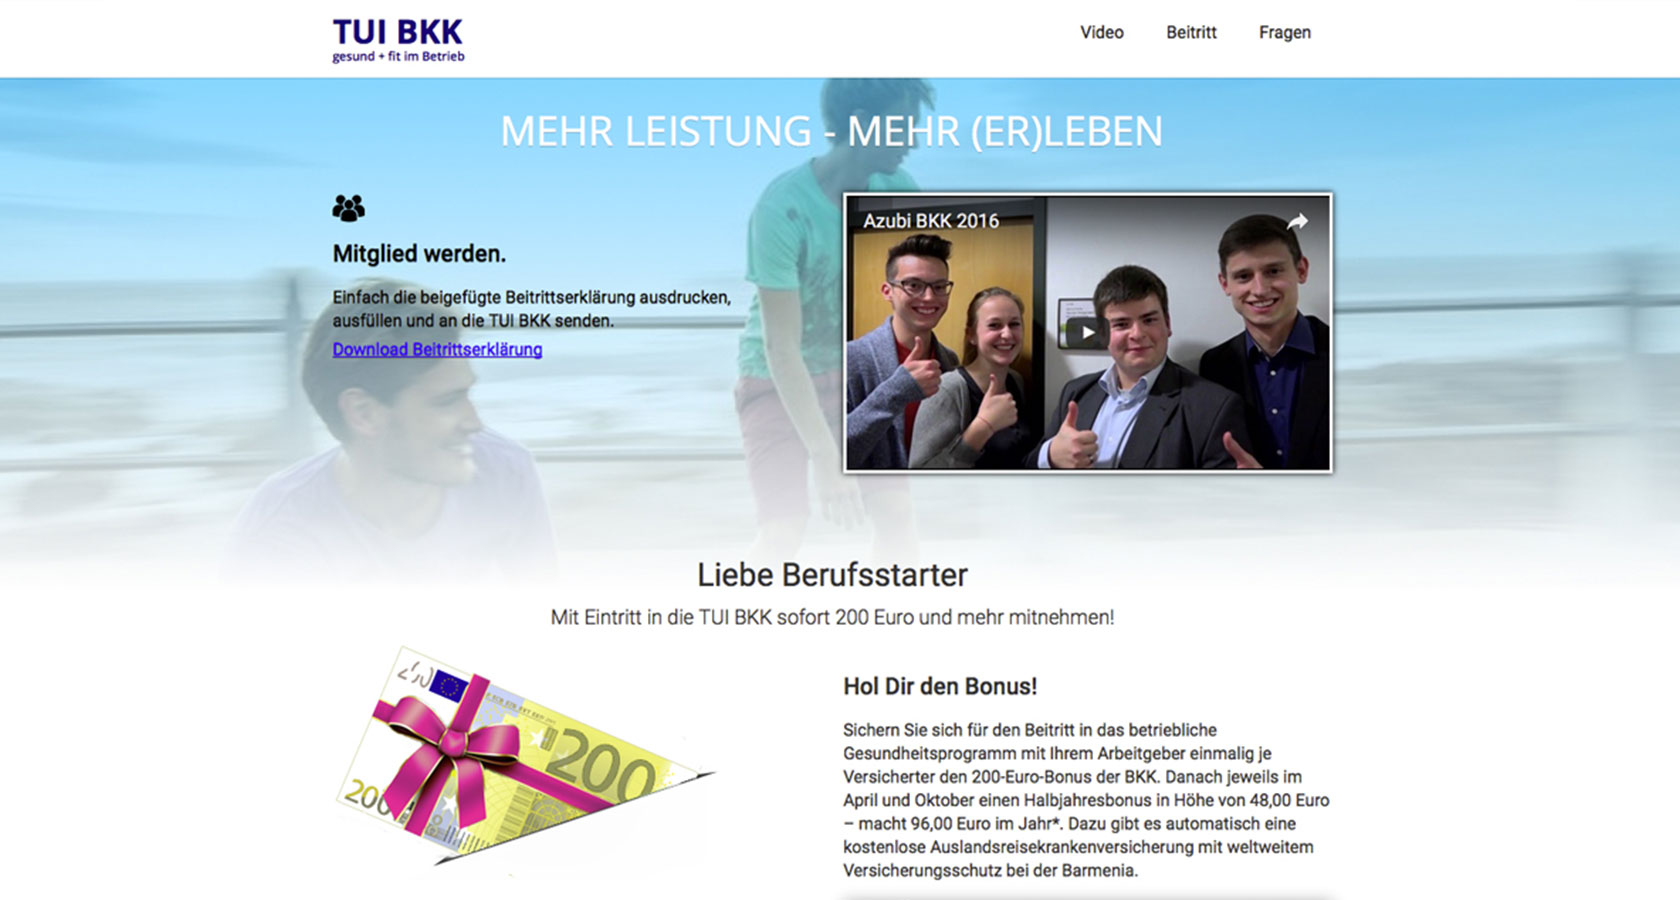 """Screenshot der """"Landingpage für Berufsstarter"""" von TUI BKK"""